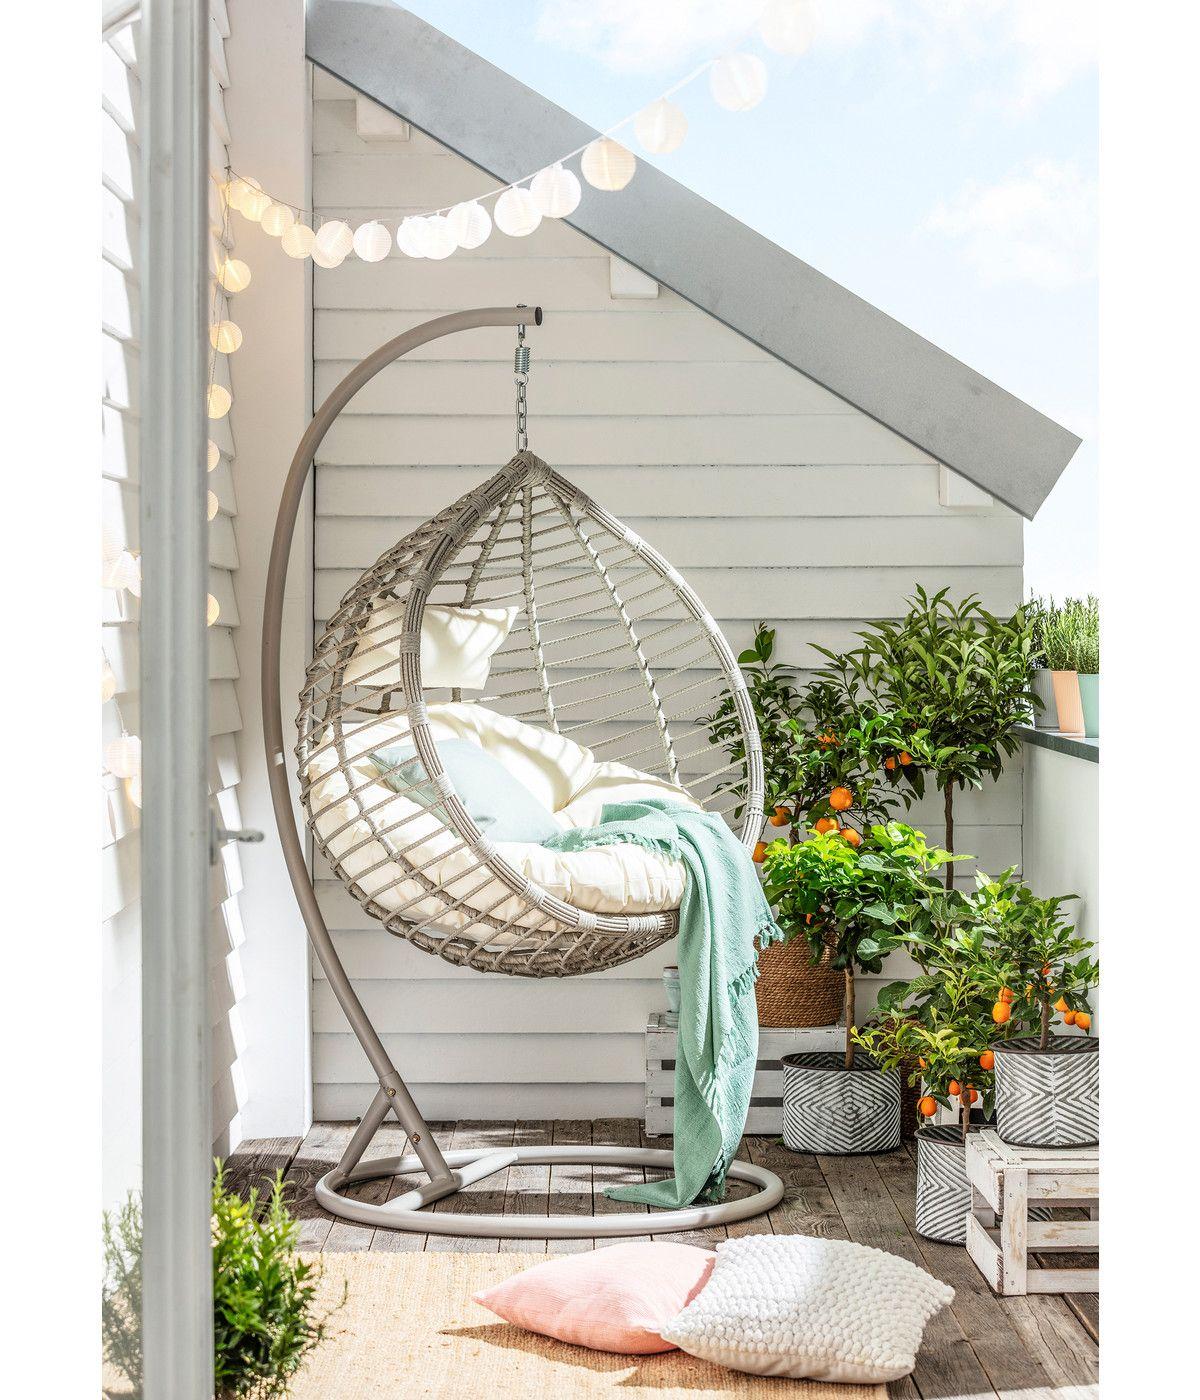 Dehner Hangesessel Mauritius Dehner In 2020 Hangesessel Garten Gartensessel Wohnung Balkon Dekoration